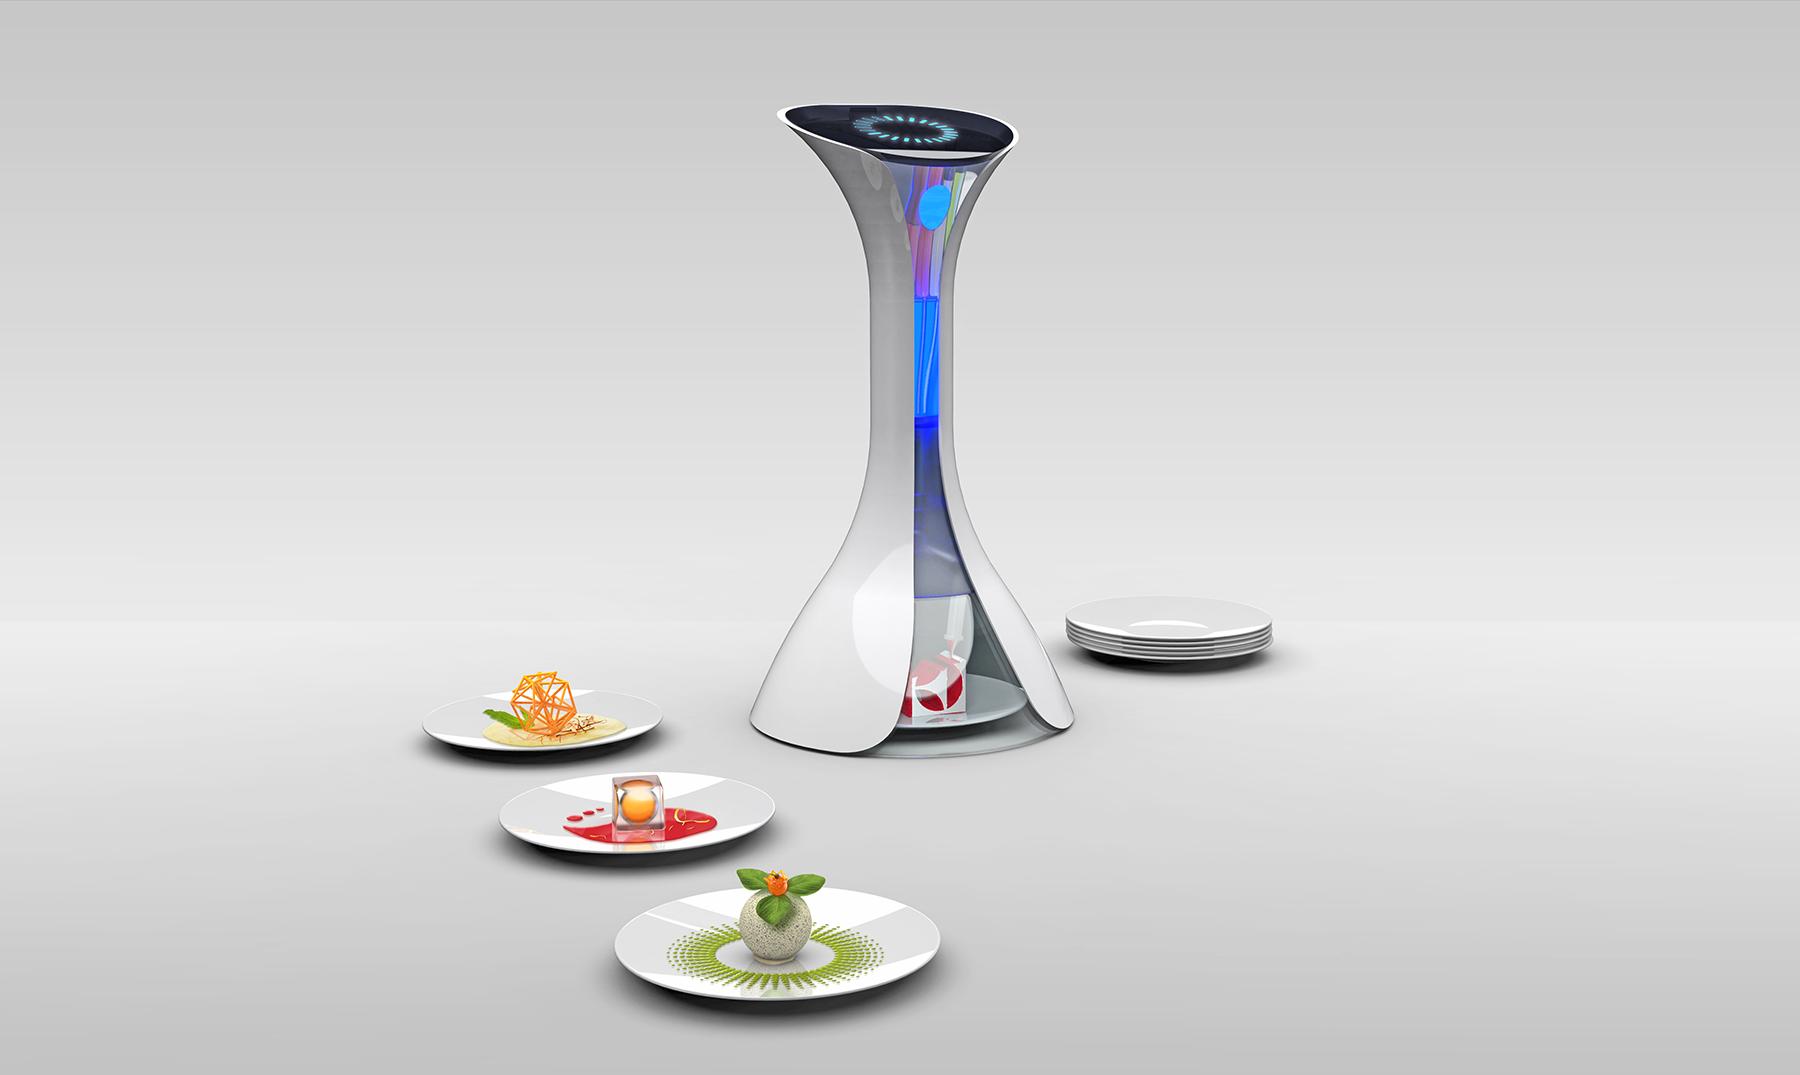 comida 3D portada